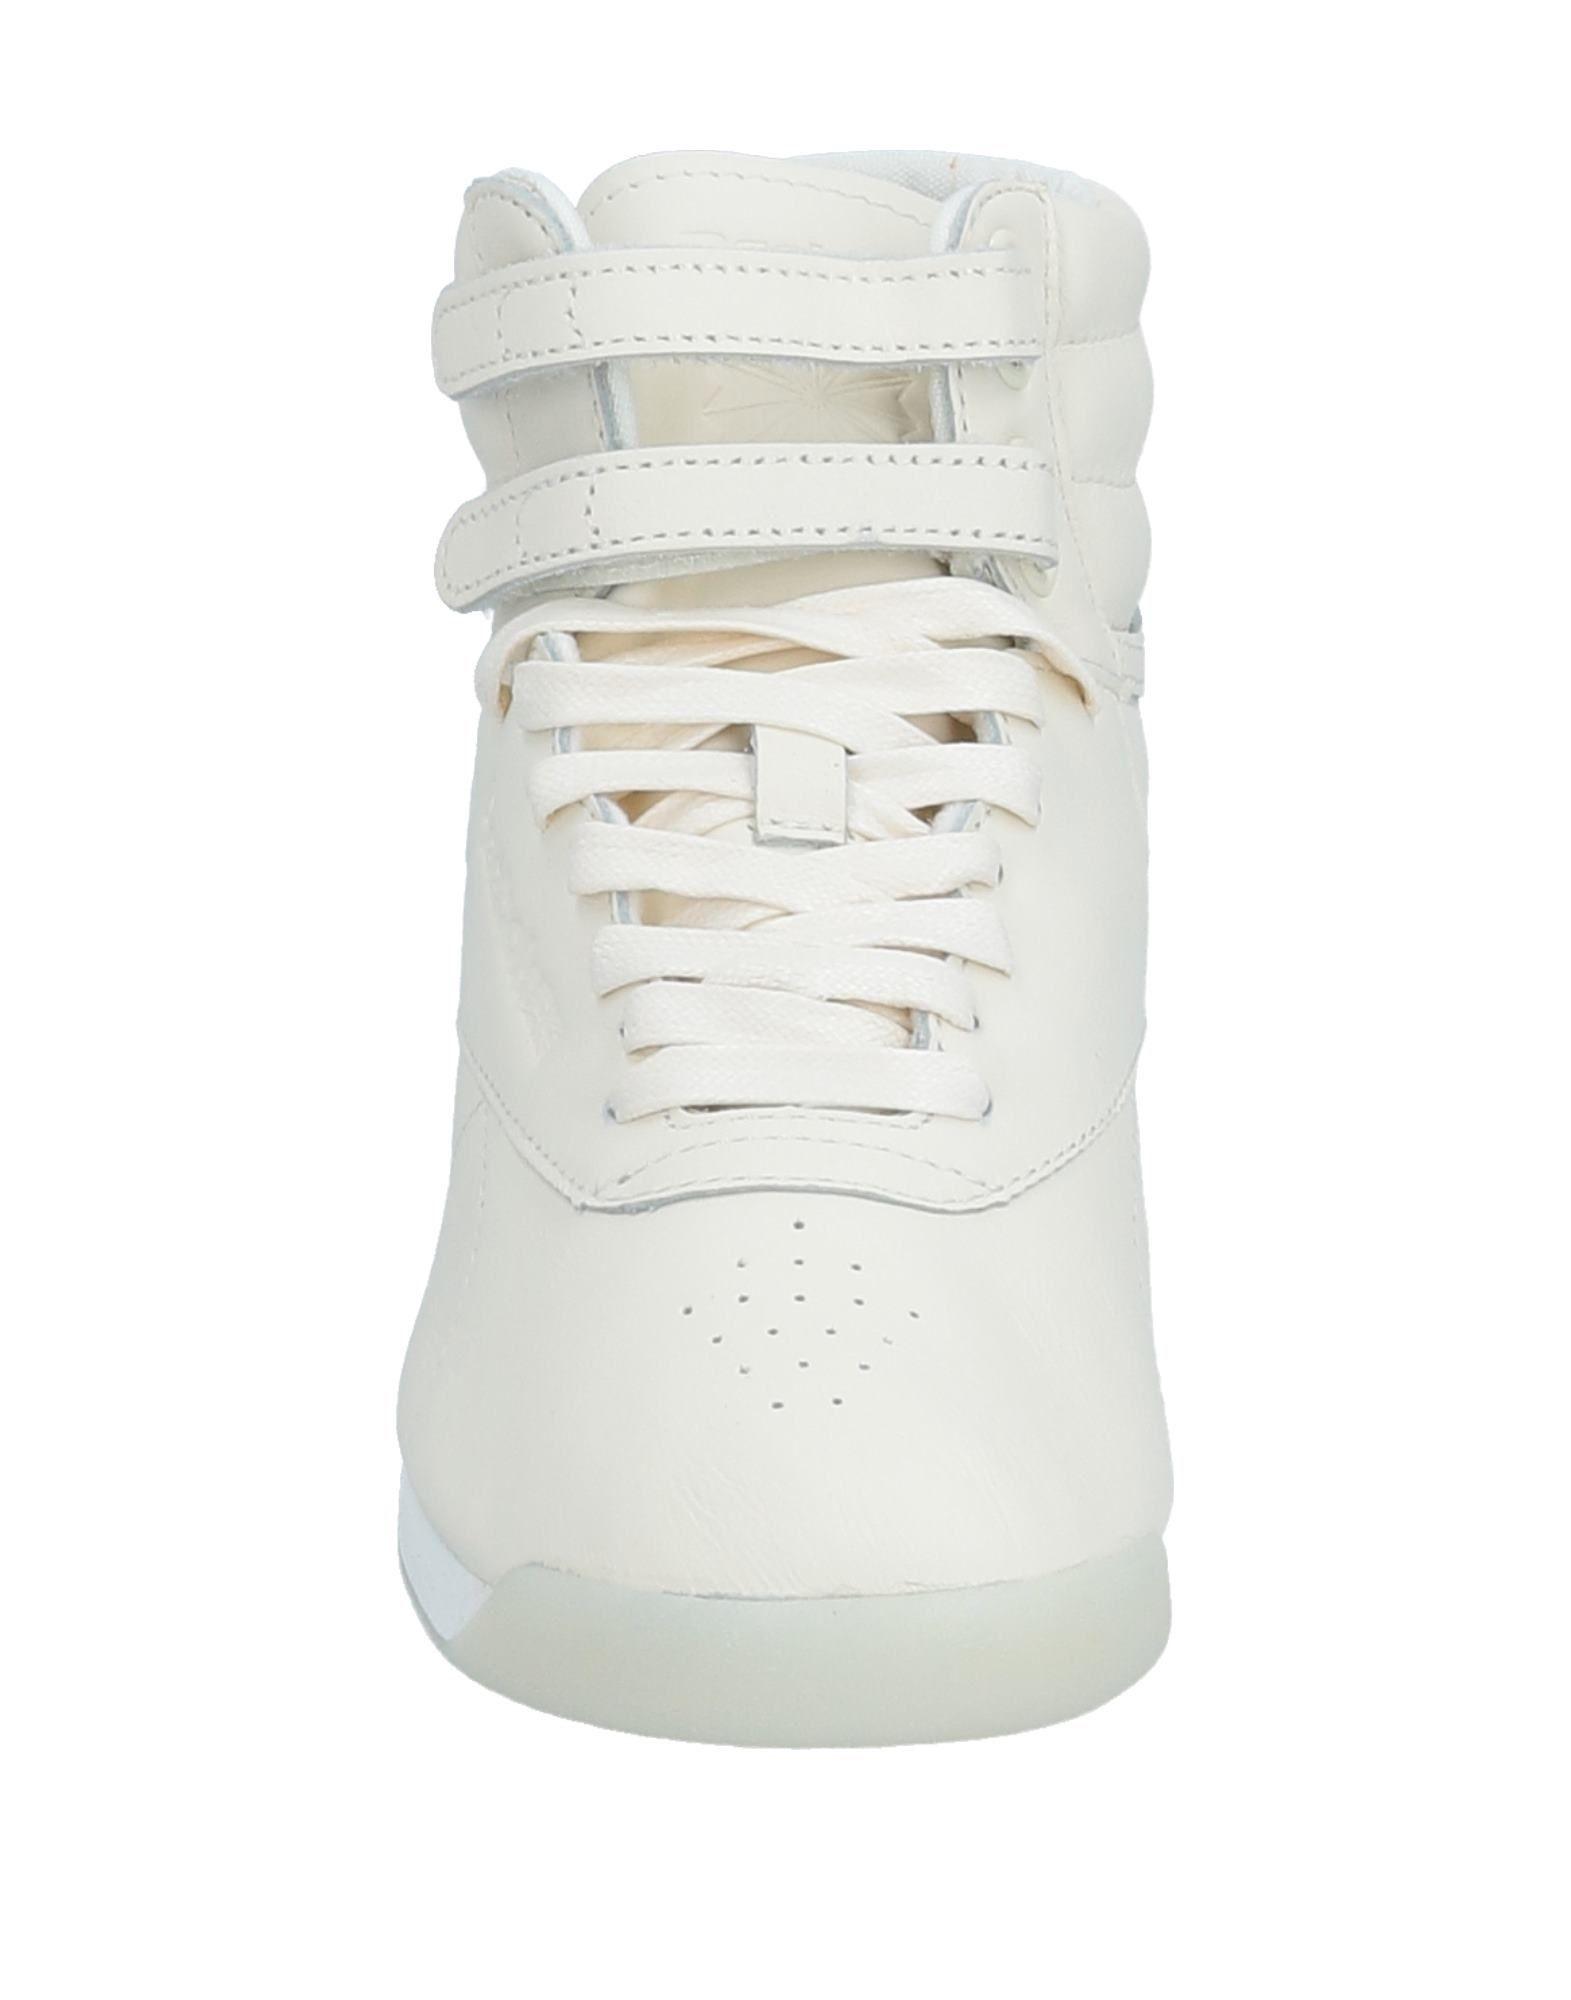 Reebok Sneakers Damen  11521097CN Schuhe Gute Qualität beliebte Schuhe 11521097CN 733dc2